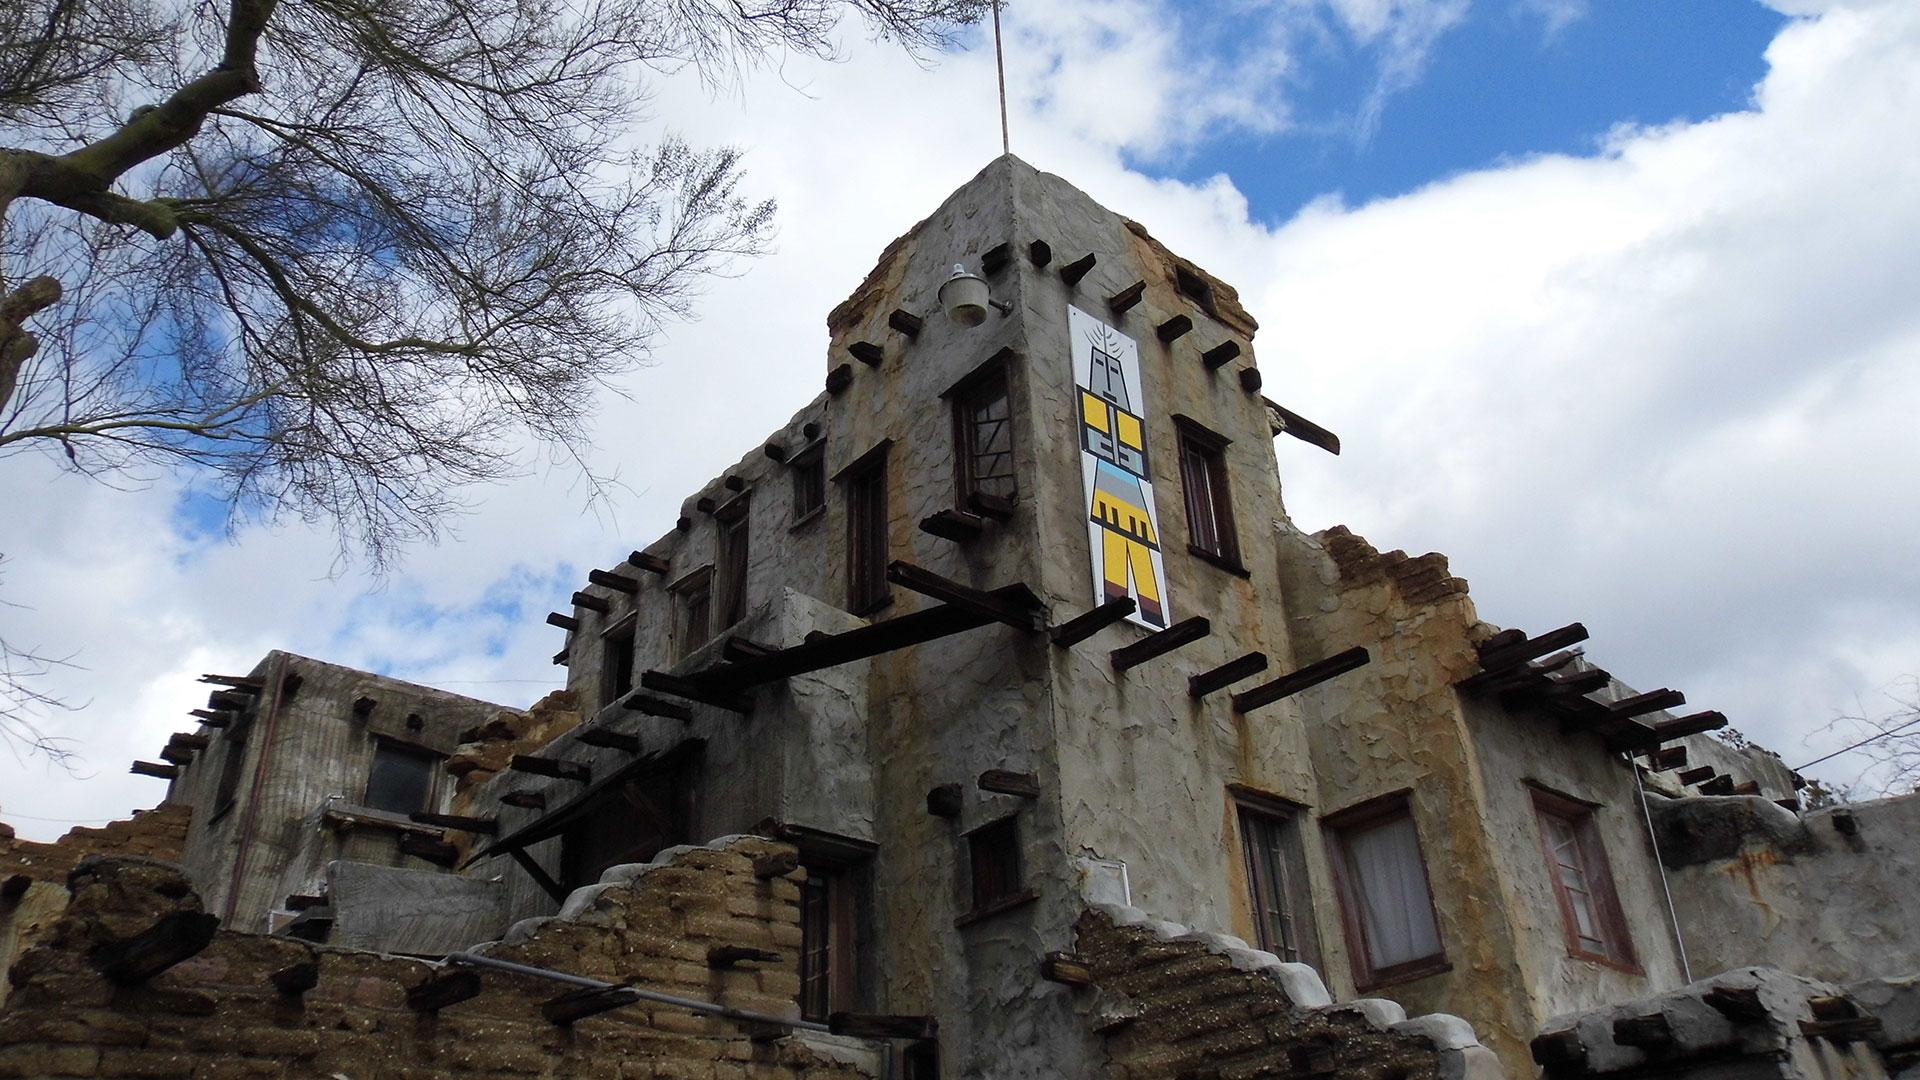 cabot's pueblo museum